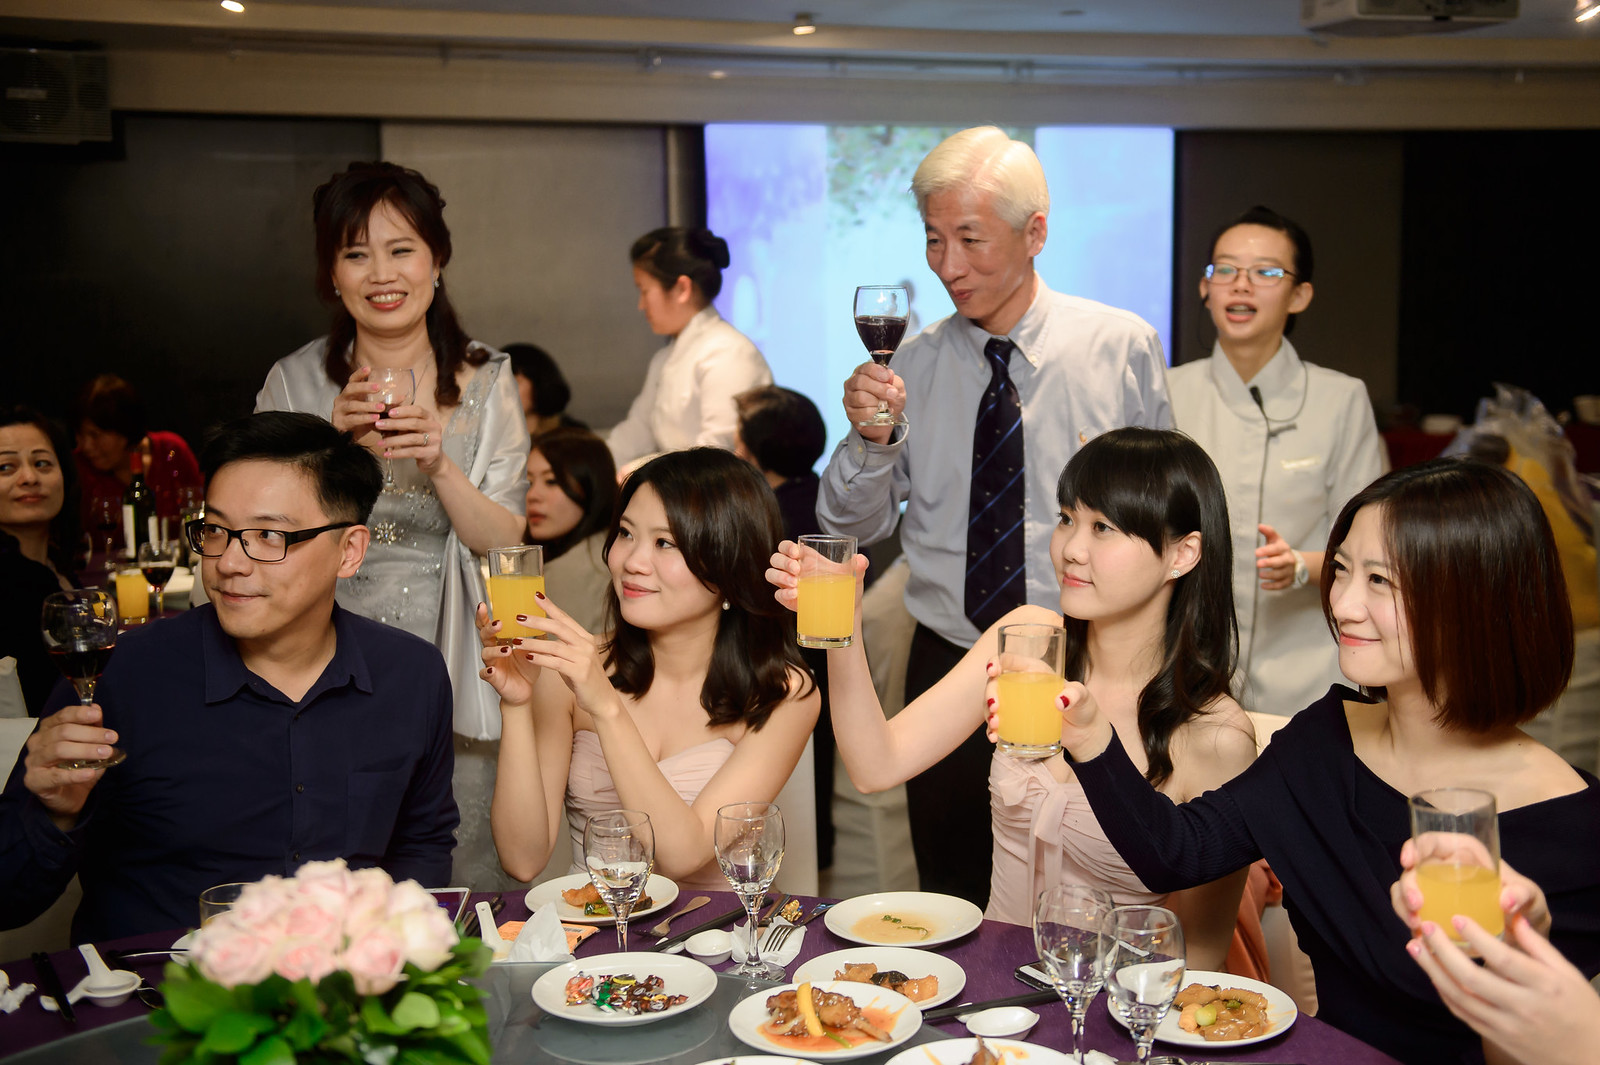 台北婚攝, 婚禮攝影, 婚攝, 婚攝守恆, 婚攝推薦, 晶華酒店, 晶華酒店婚宴, 晶華酒店婚攝-99